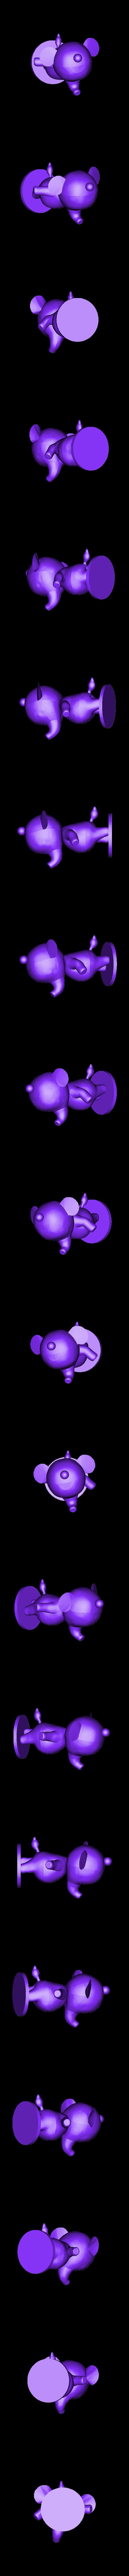 tia_full.stl Download free STL file Tia and Ellie - Animal Crossing • 3D printable model, skelei